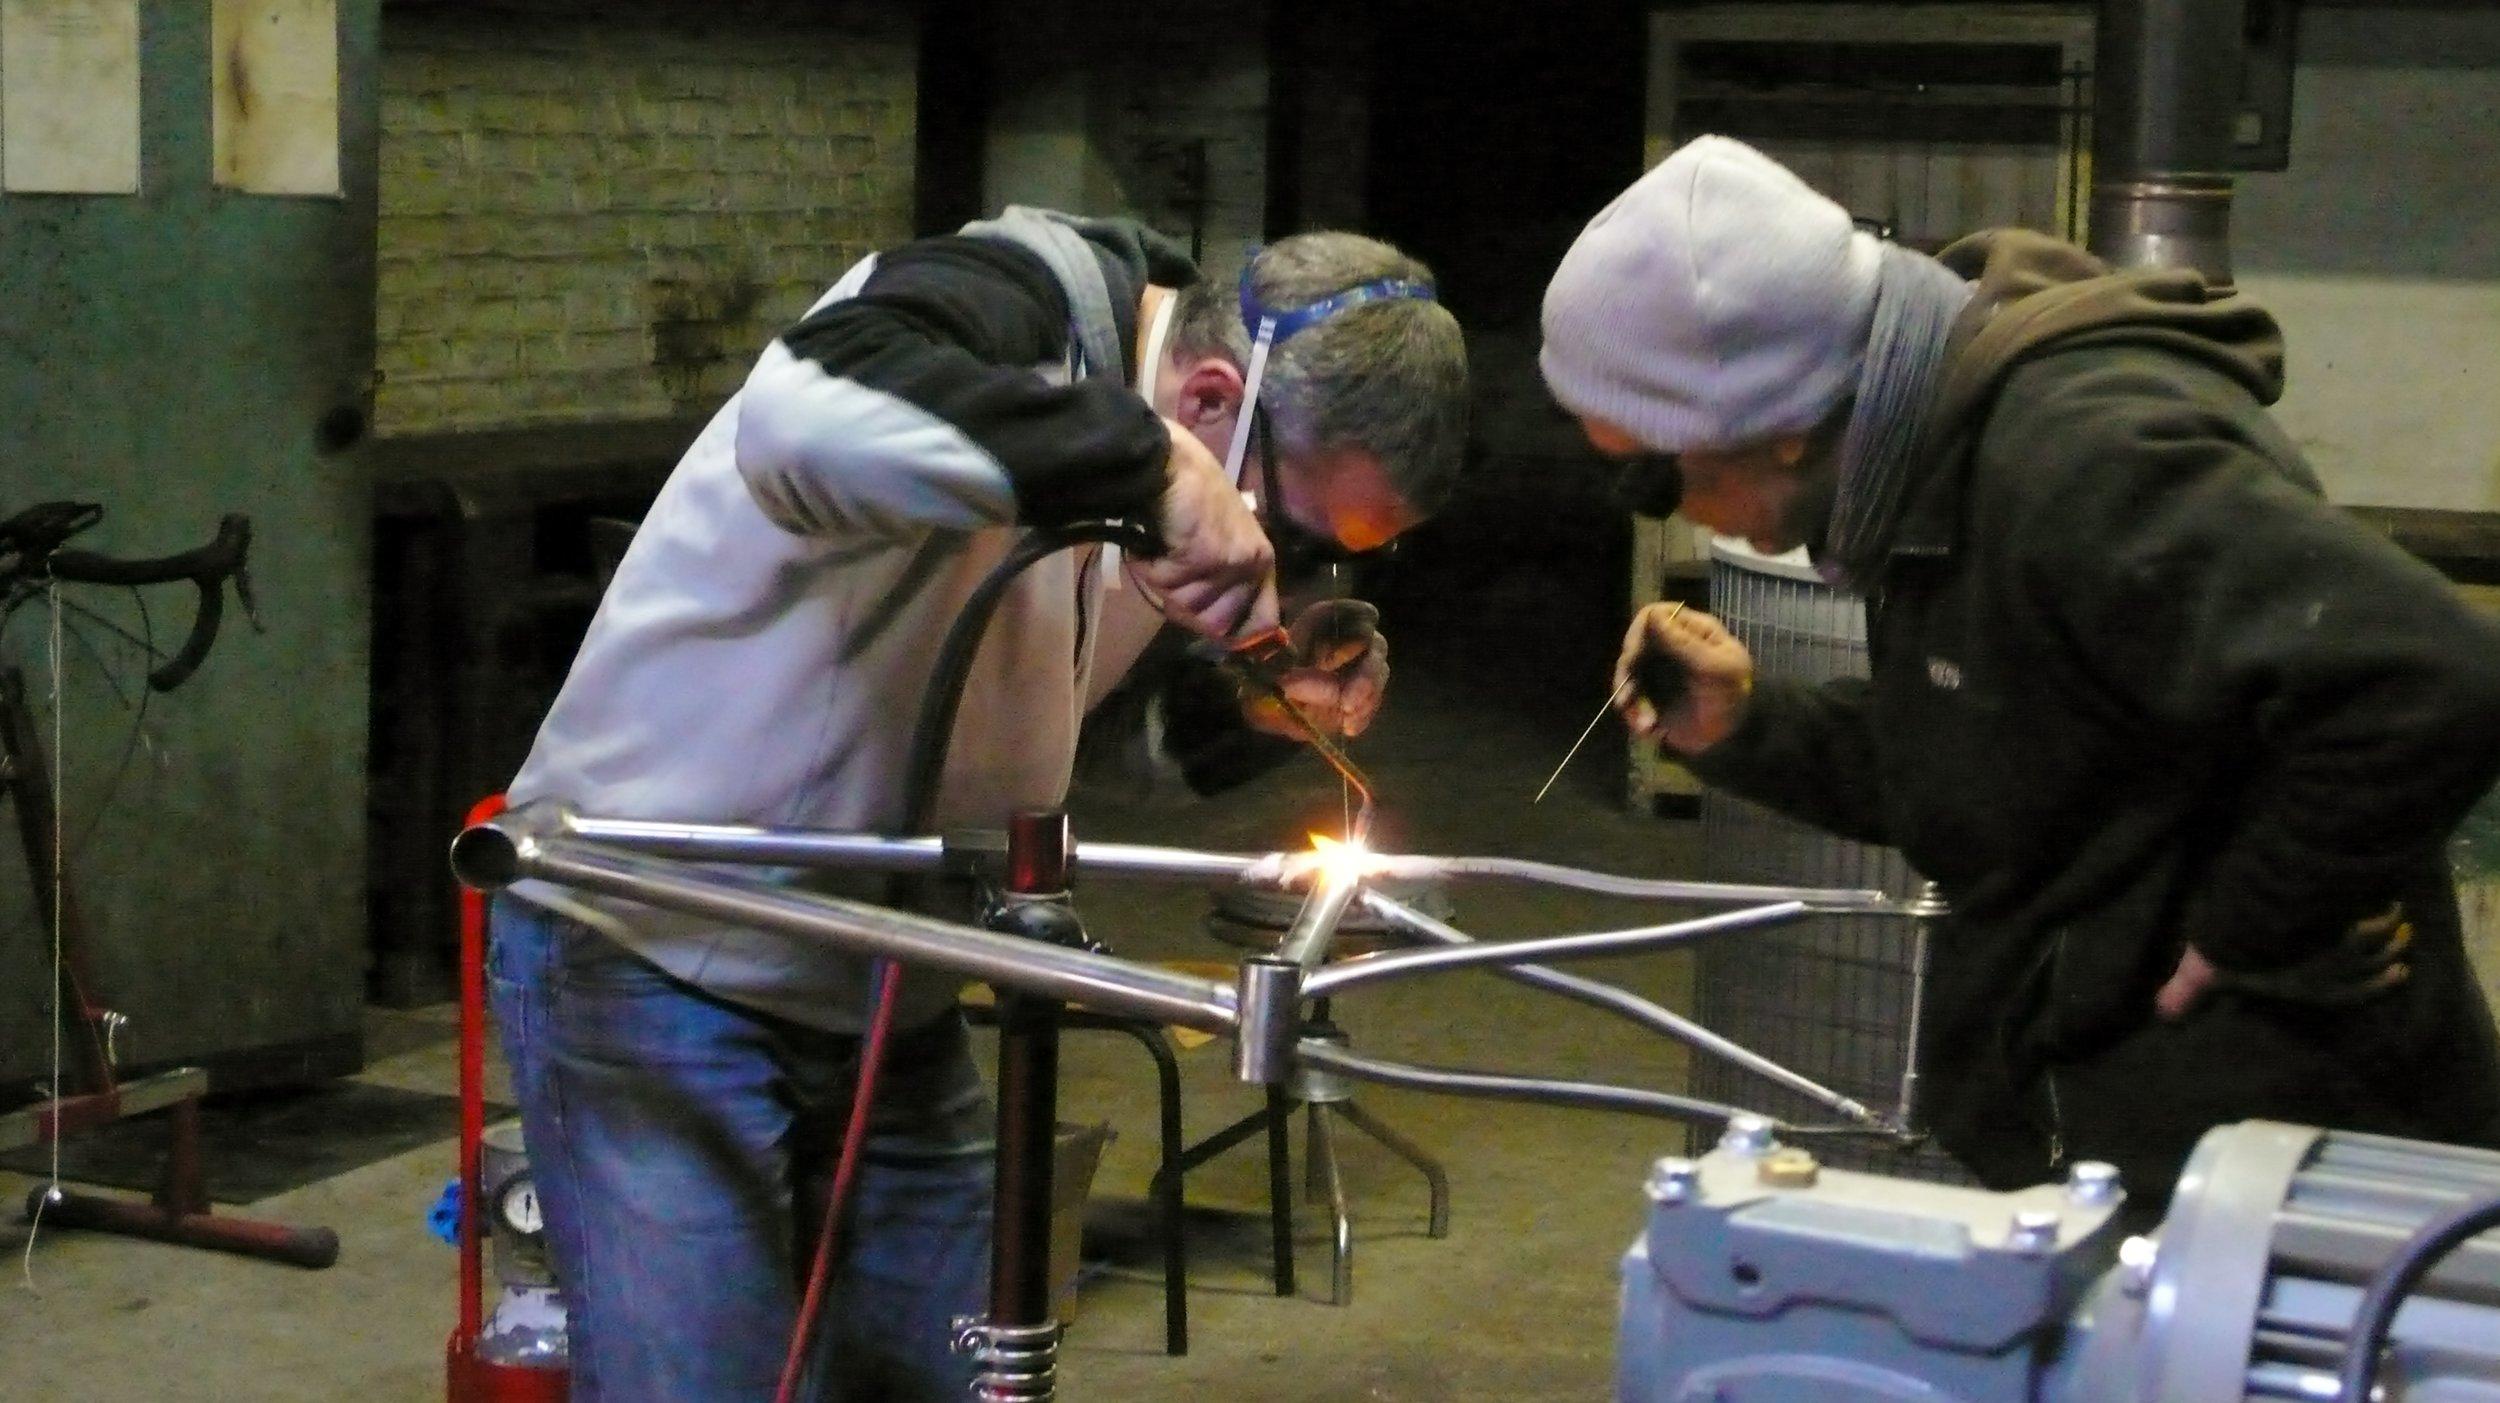 Les cours ont lieu individuellement ou en groupes de deux participants (photo: Xavier Diaz)